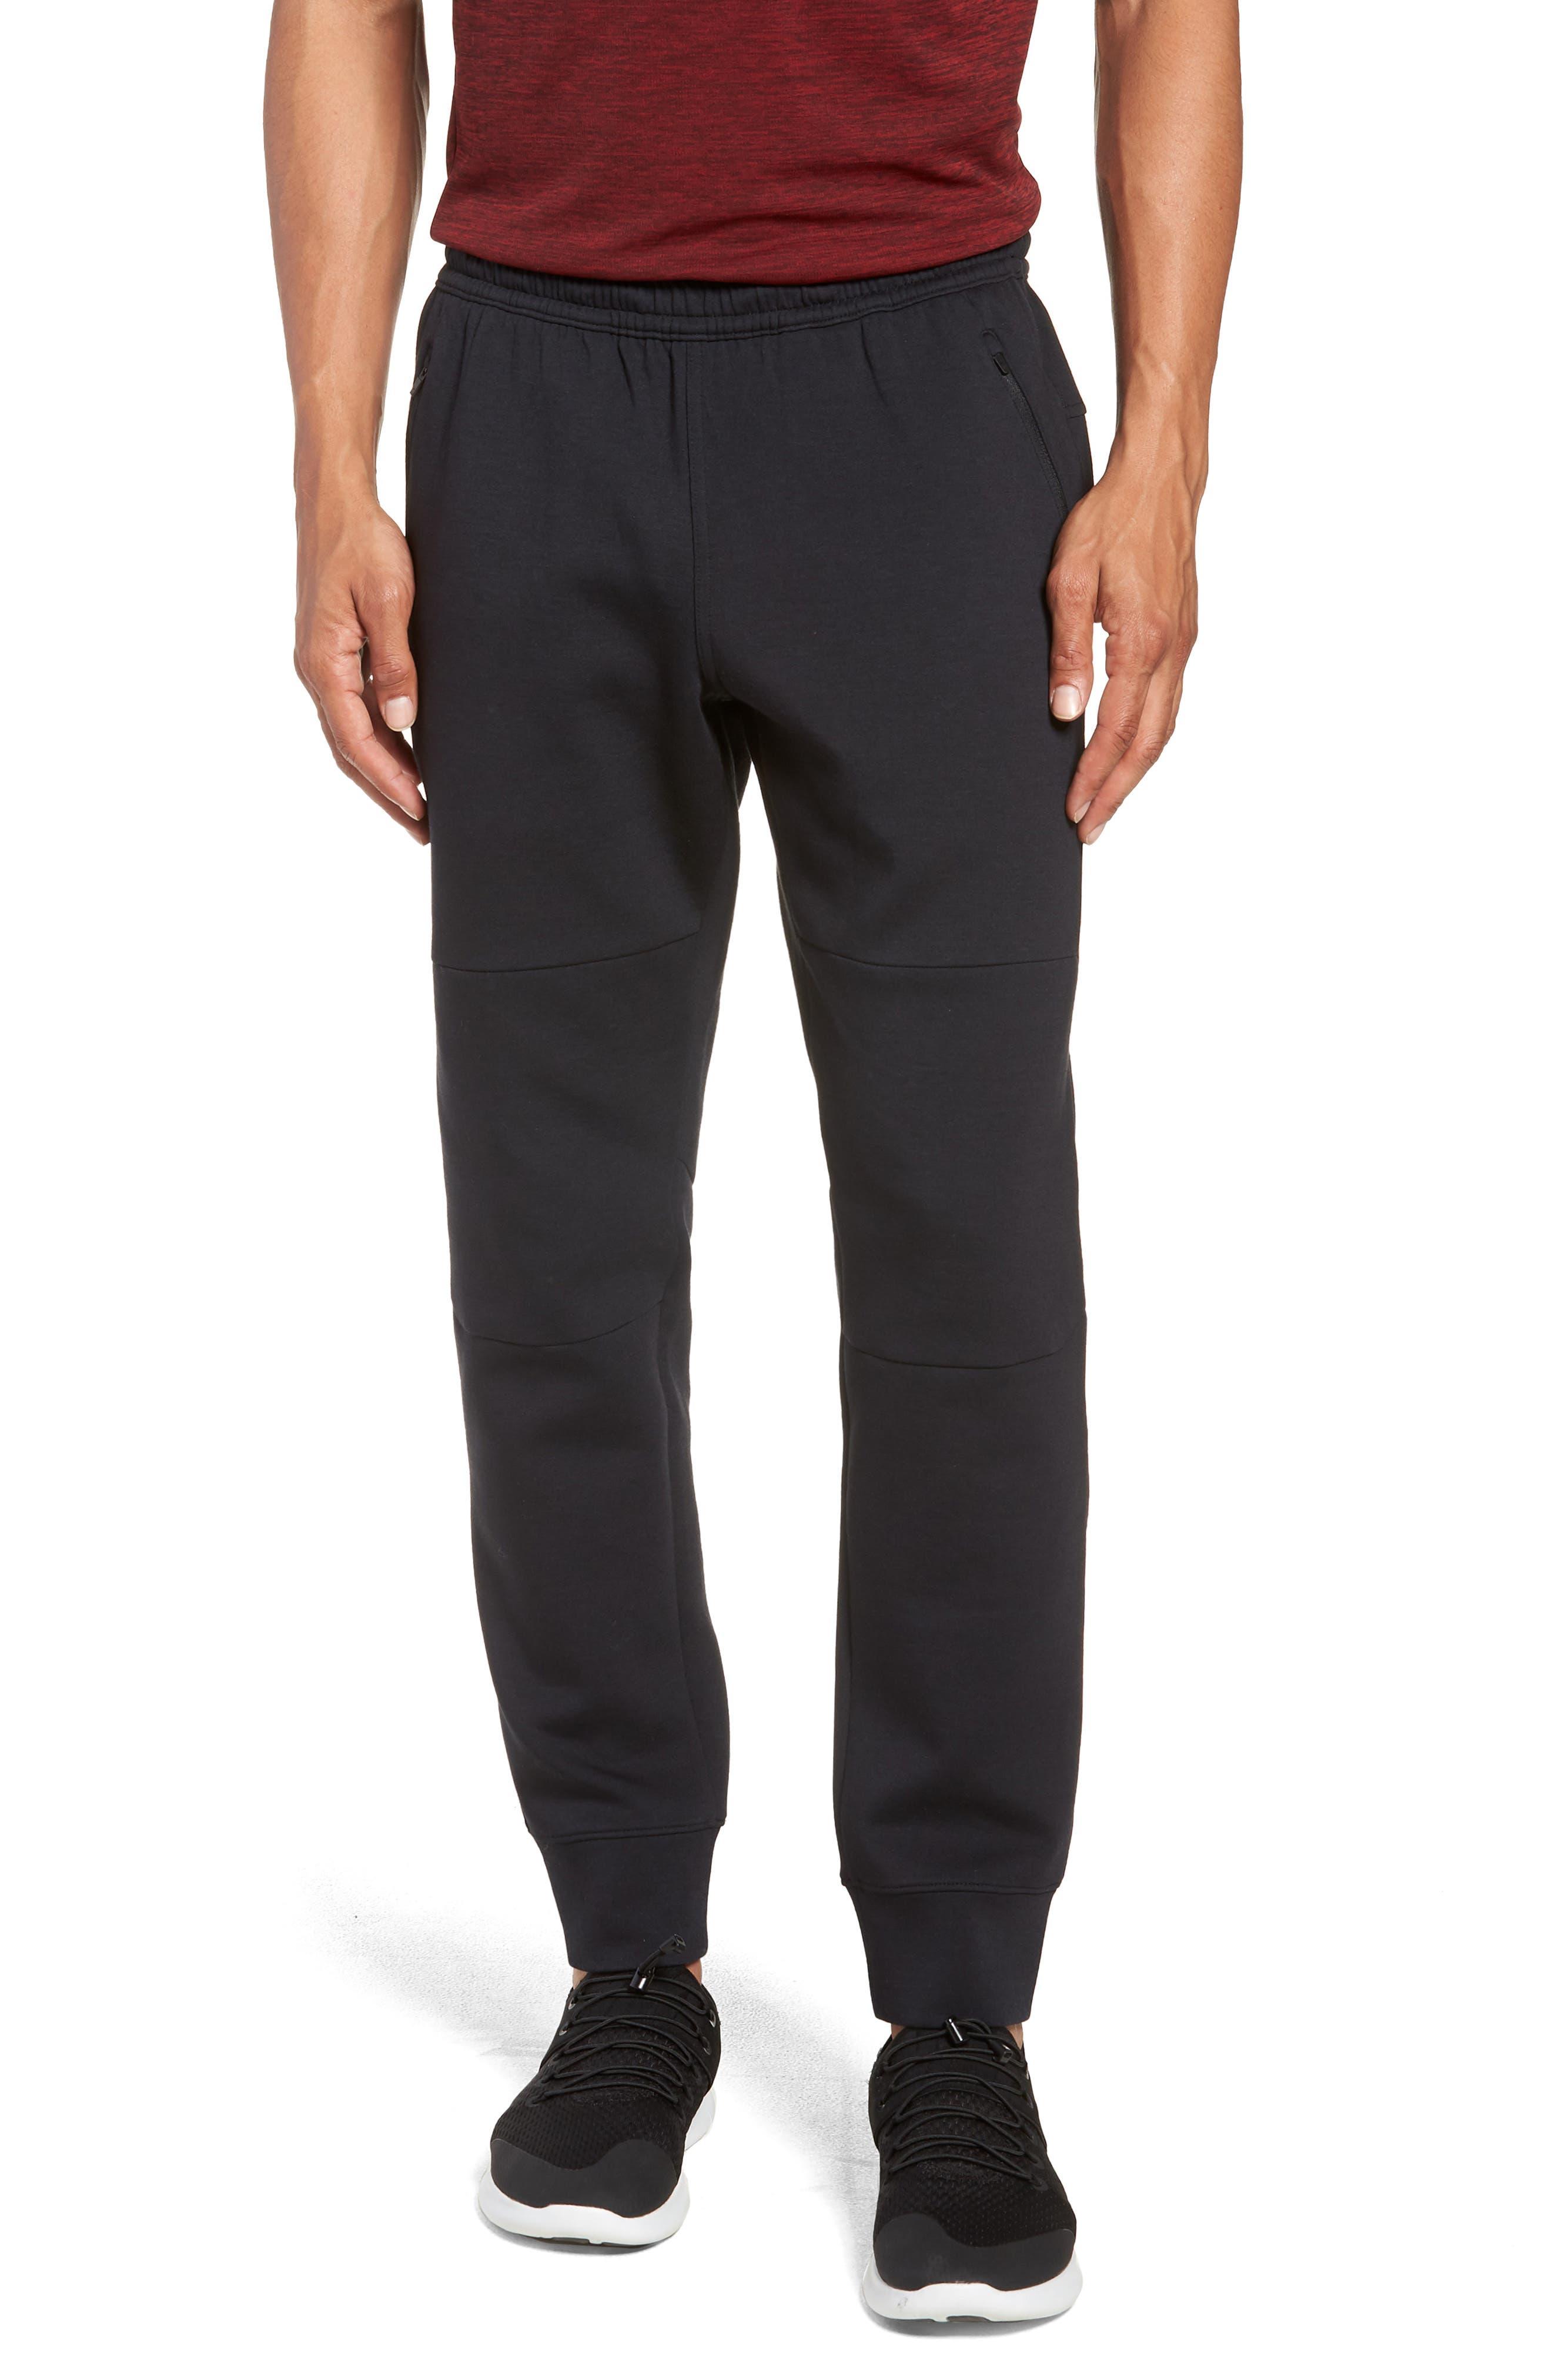 Update Tech Jogger Pants,                         Main,                         color, BLACK